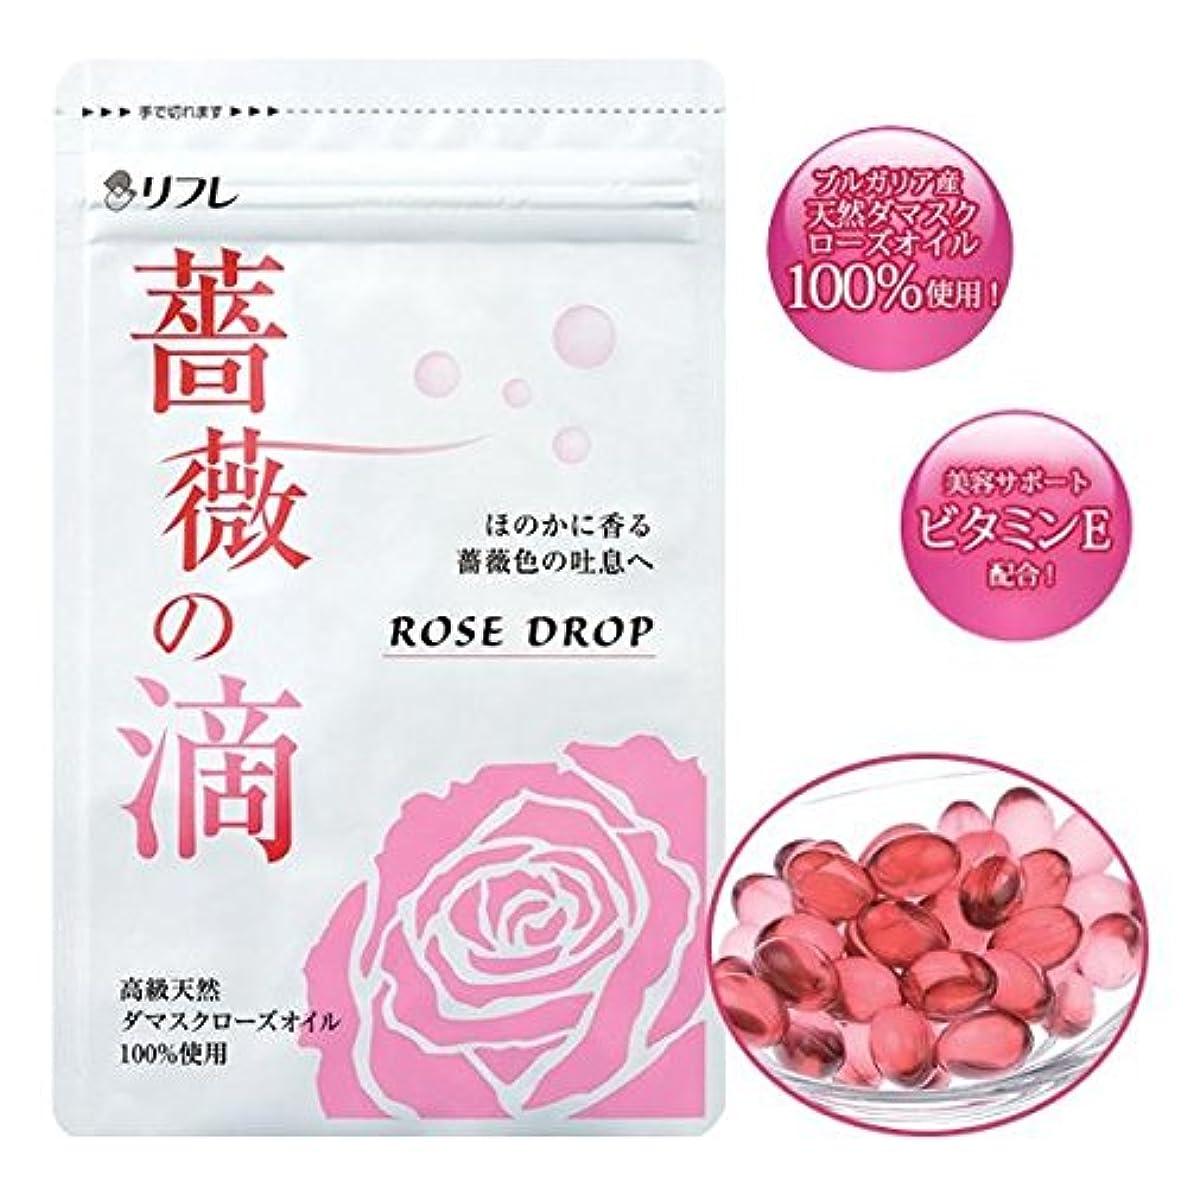 頭ハブブ困惑するリフレ ローズサプリ 薔薇の滴(ばらのしずく) 1袋62粒(約1ヵ月分) 日本製 Japan